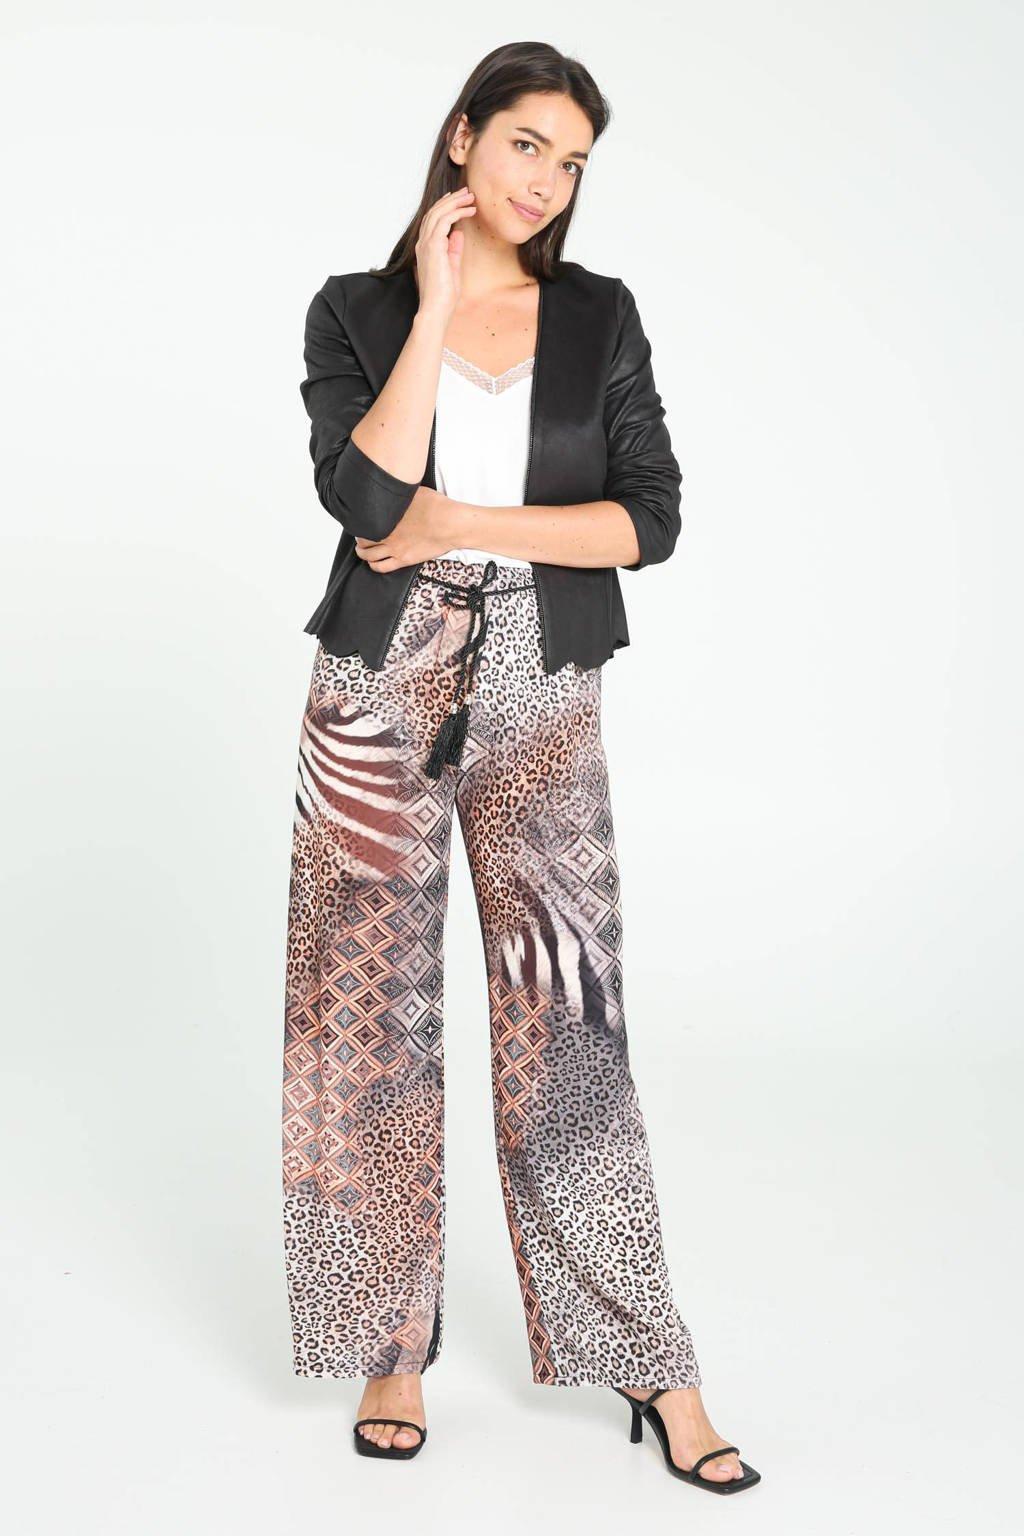 Cassis straight fit broek met dierenprint grijs/bruin/wit/zwart, Grijs/bruin/wit/zwart